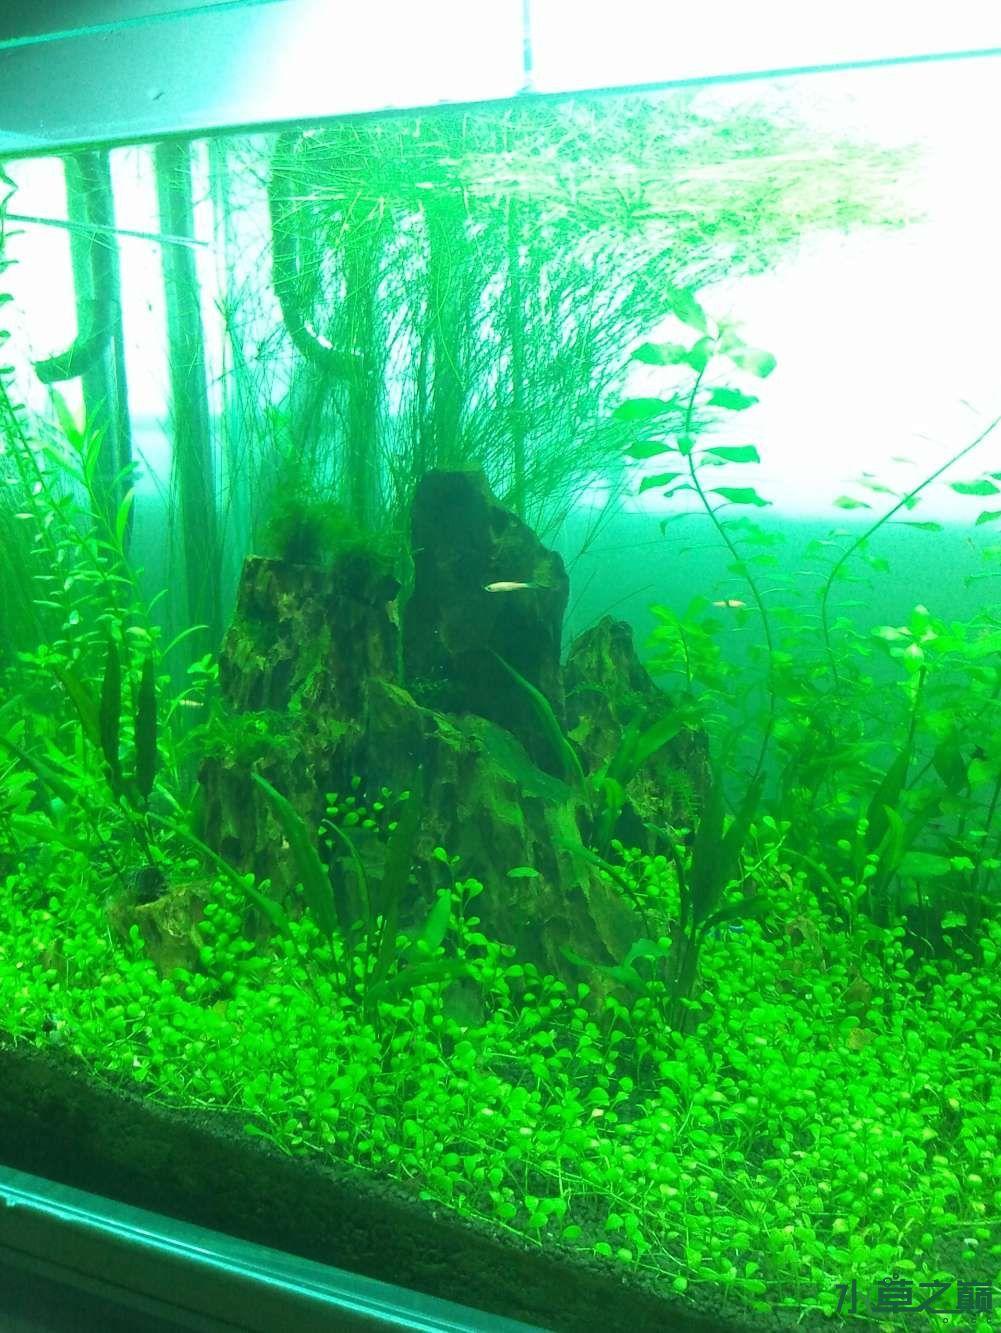 千寻杯造景比赛+中缸组:我的草缸 北京观赏鱼 北京龙鱼第3张